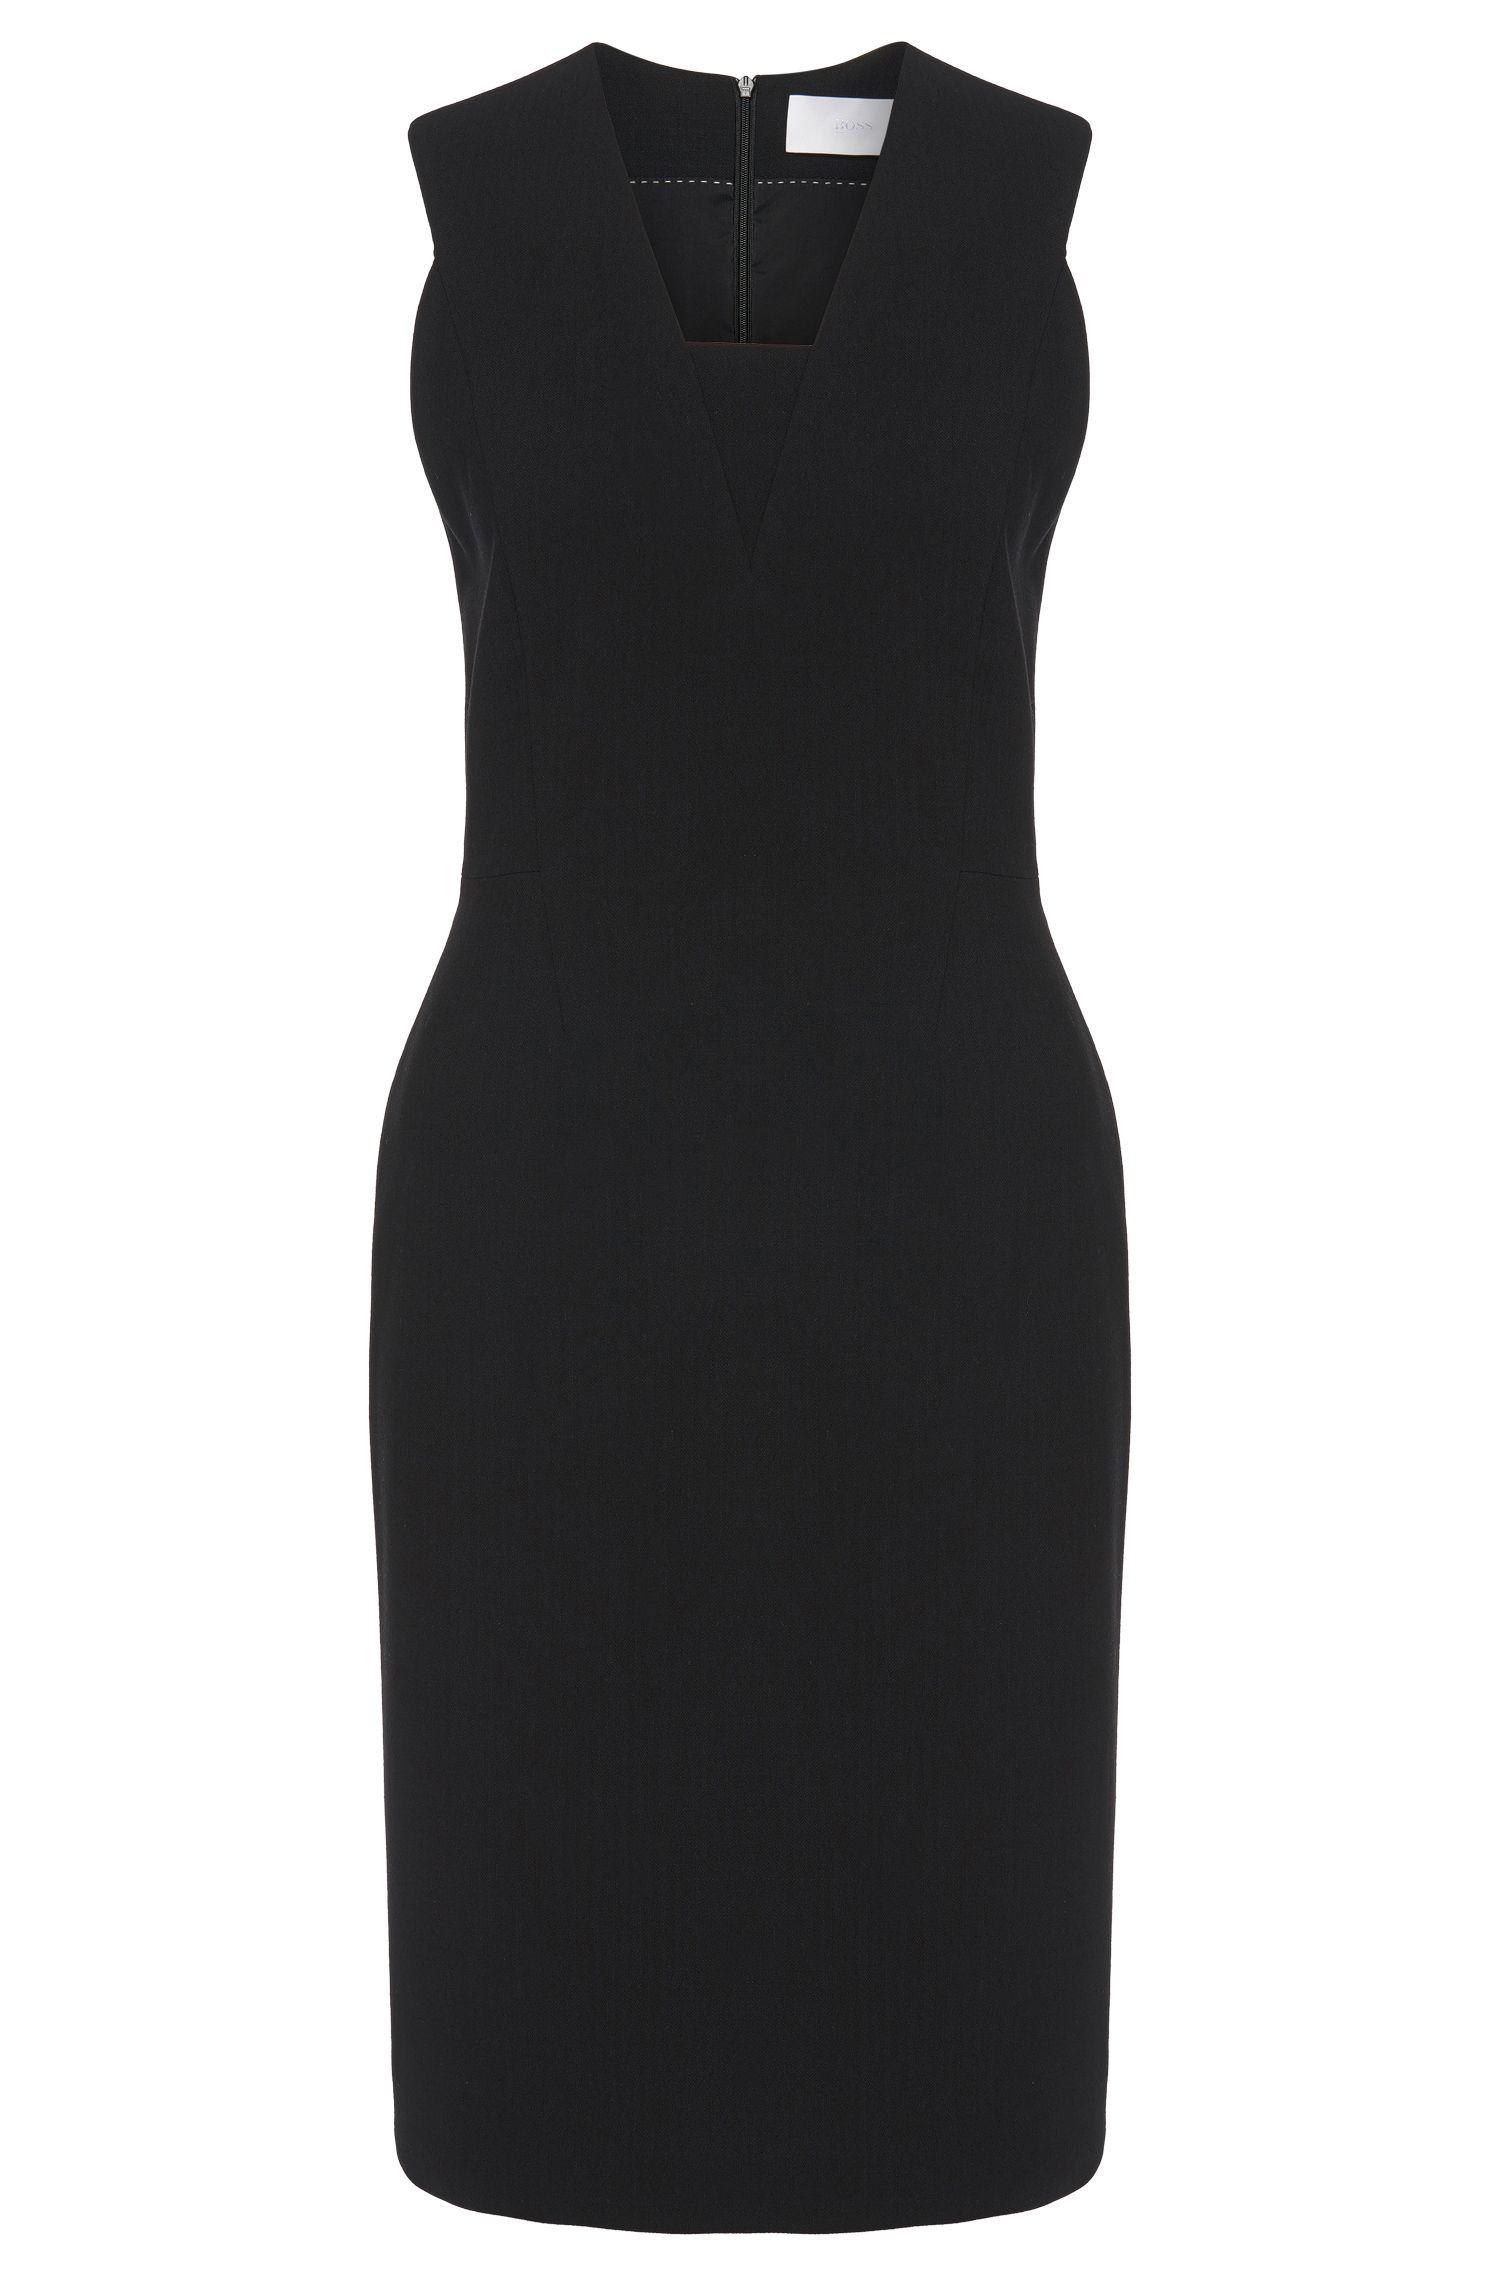 Ärmelloses Kleid aus Stretch-Schurwolle: 'Duenasina'